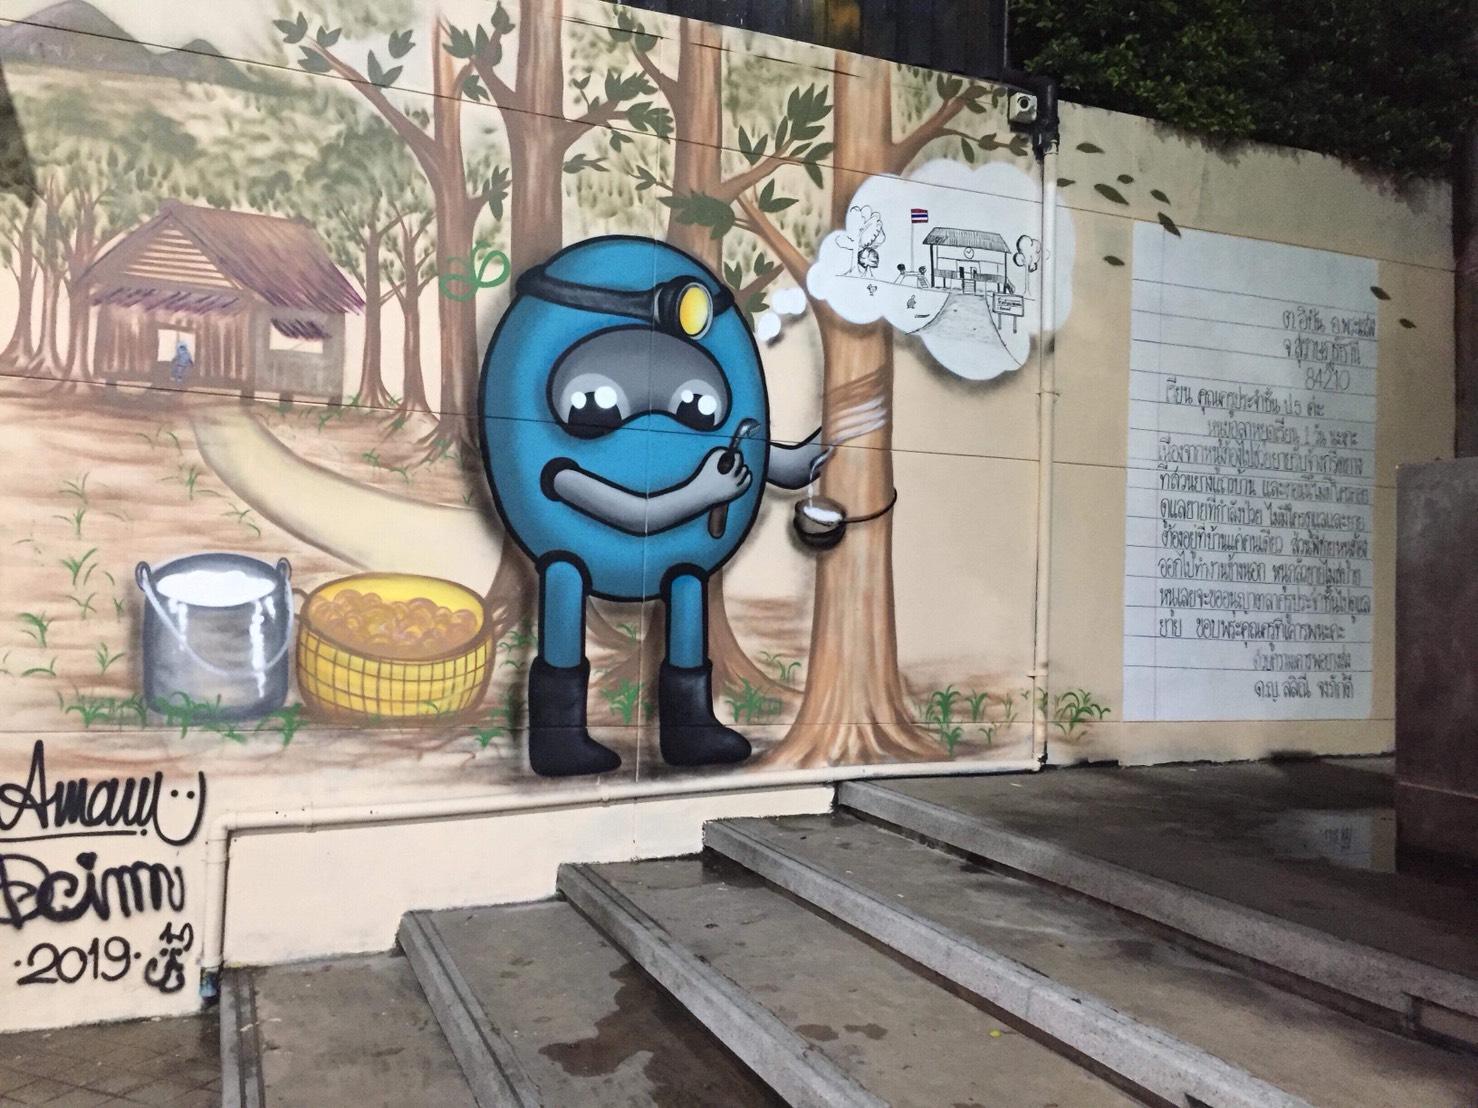 """กลุ่มศิลปิน Street Art สร้างศิลปะจากแรงบันดาลใจ """"จดหมายลาครูฉบับจริง"""""""